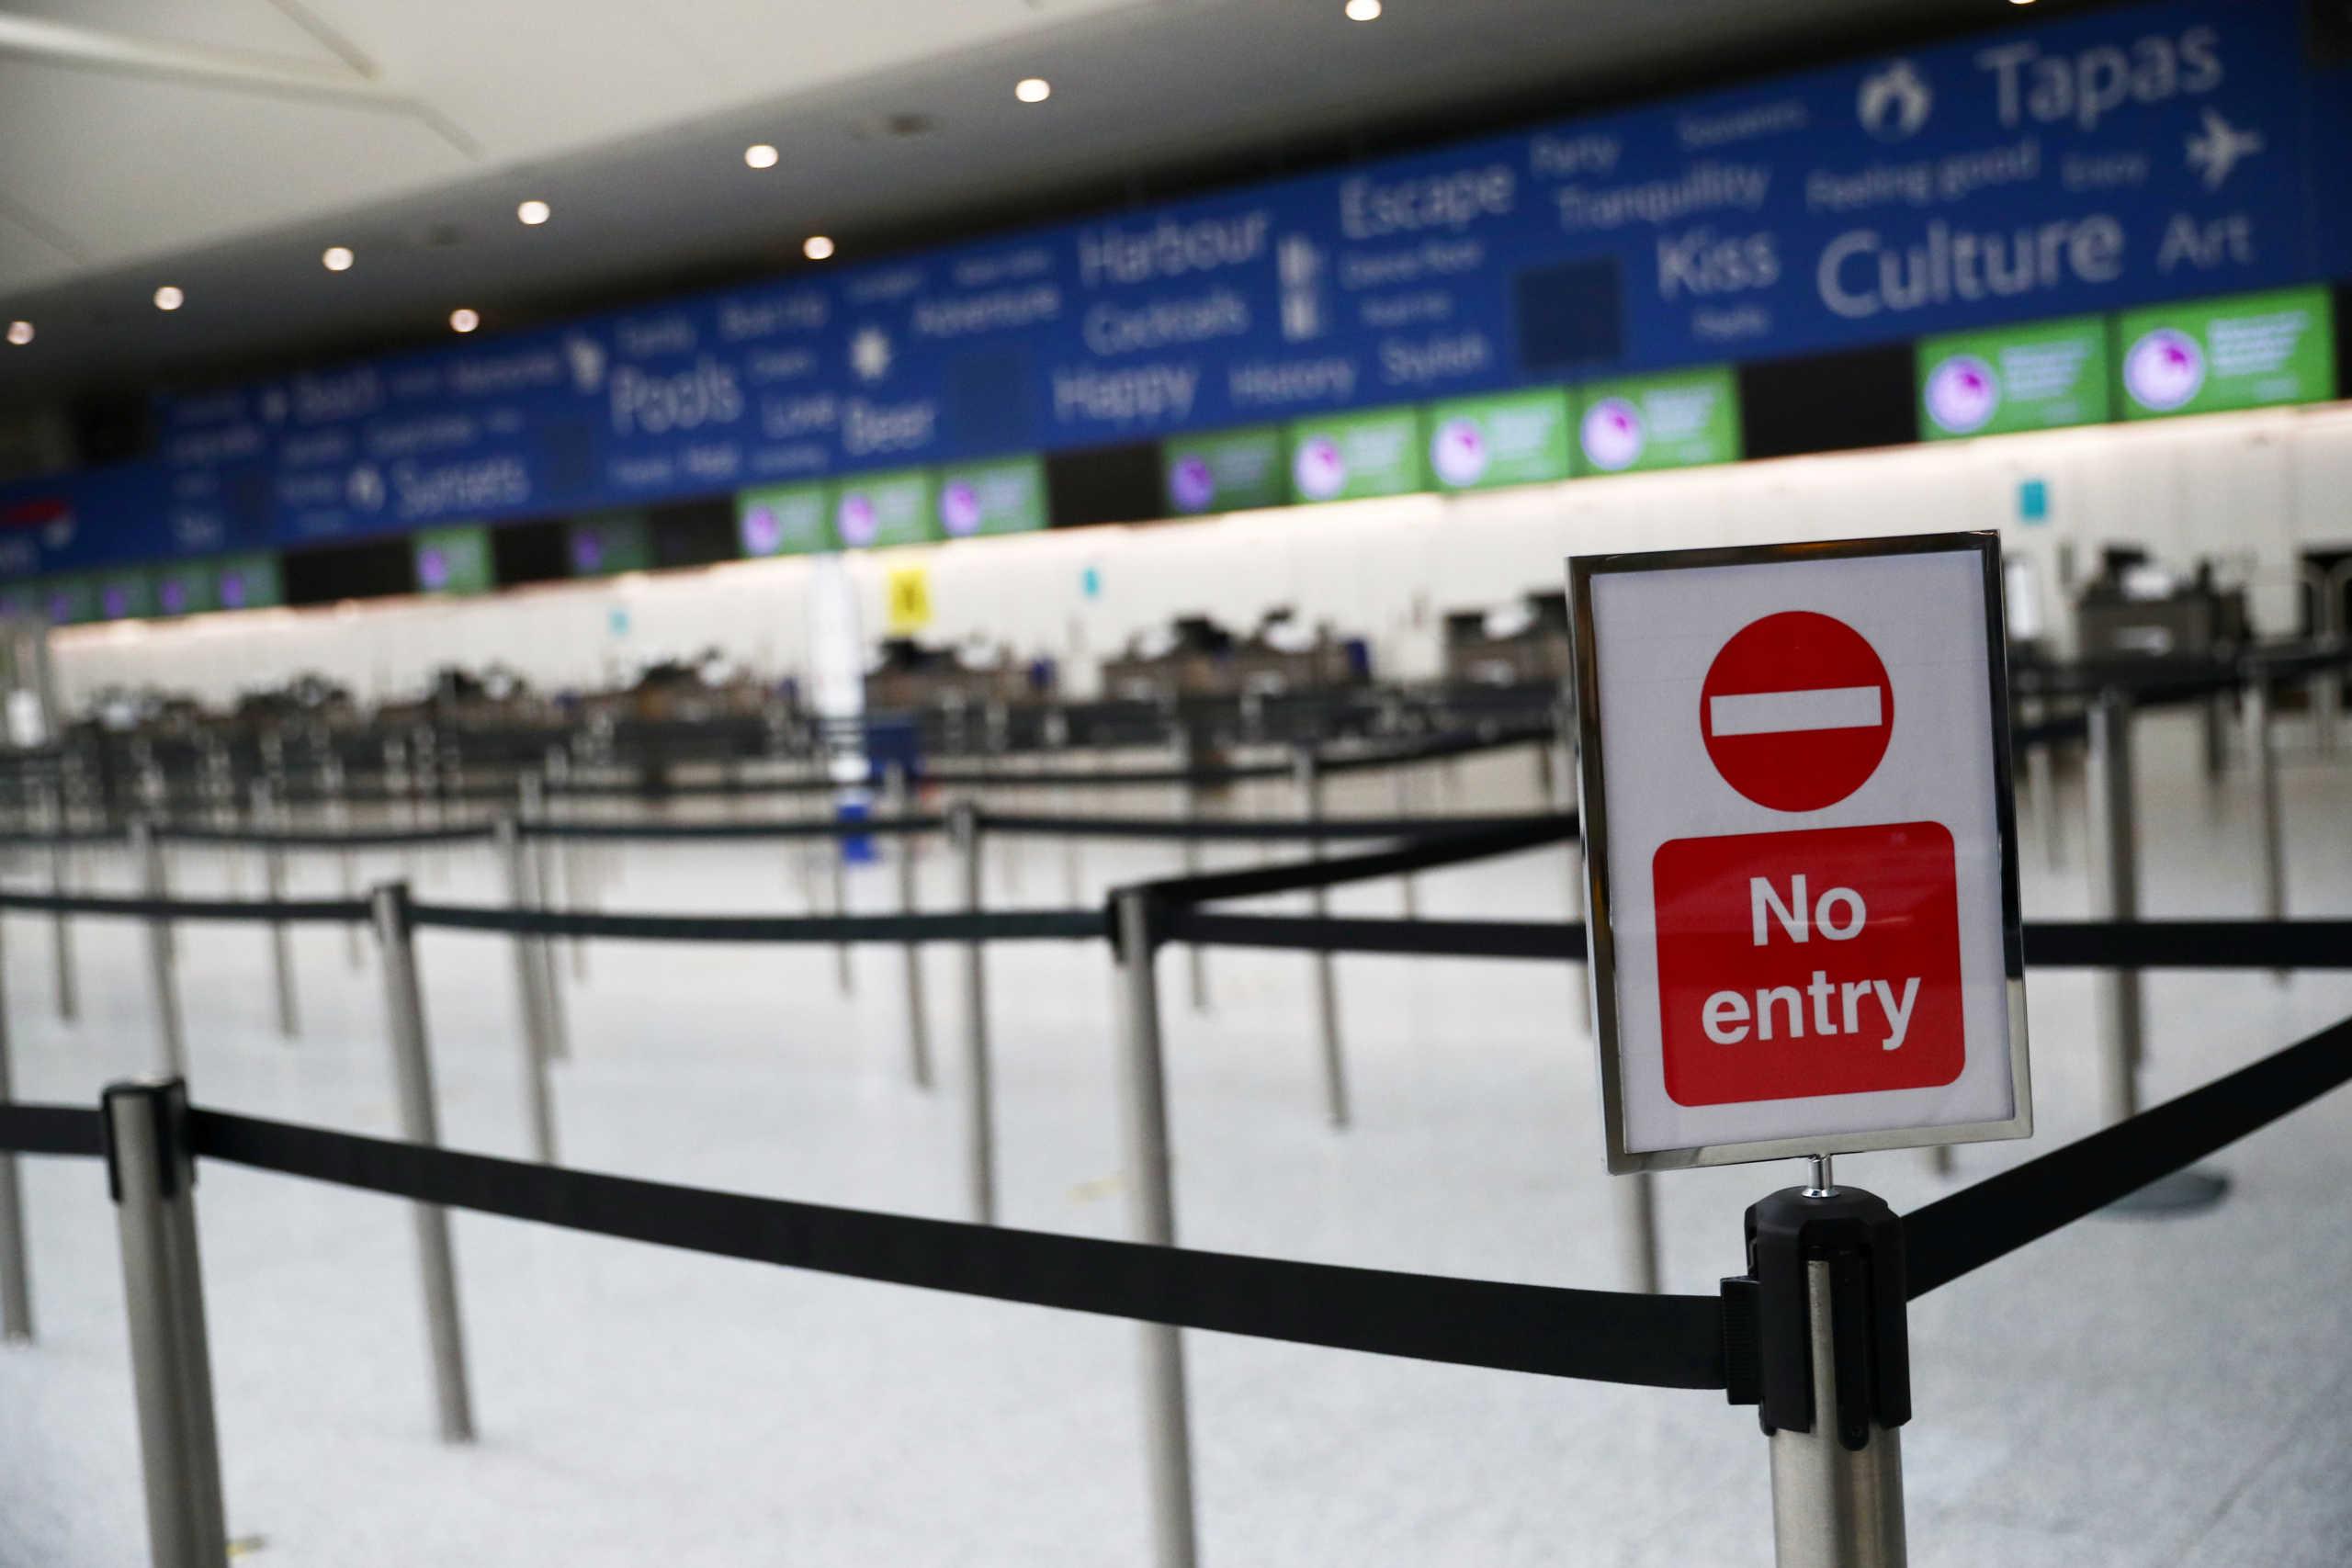 Βρετανία: Έρχεται 10ήμερη καραντίνα σε ξενοδοχεία, στους ταξιδιώτες το κόστος